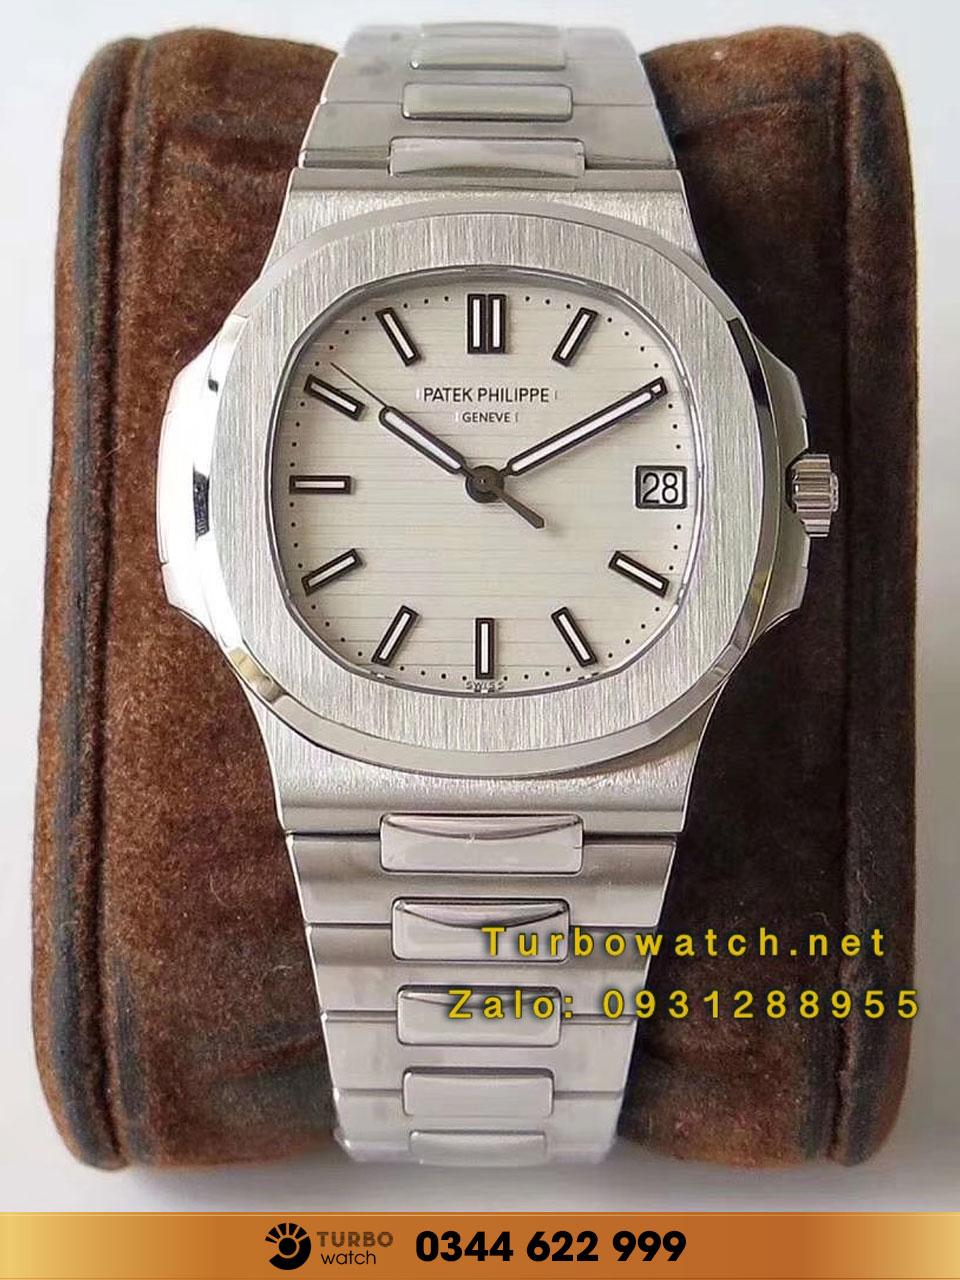 Patek Philippe là một thương hiệu đồng hồ nổi tiếng được ra đời năm 1851